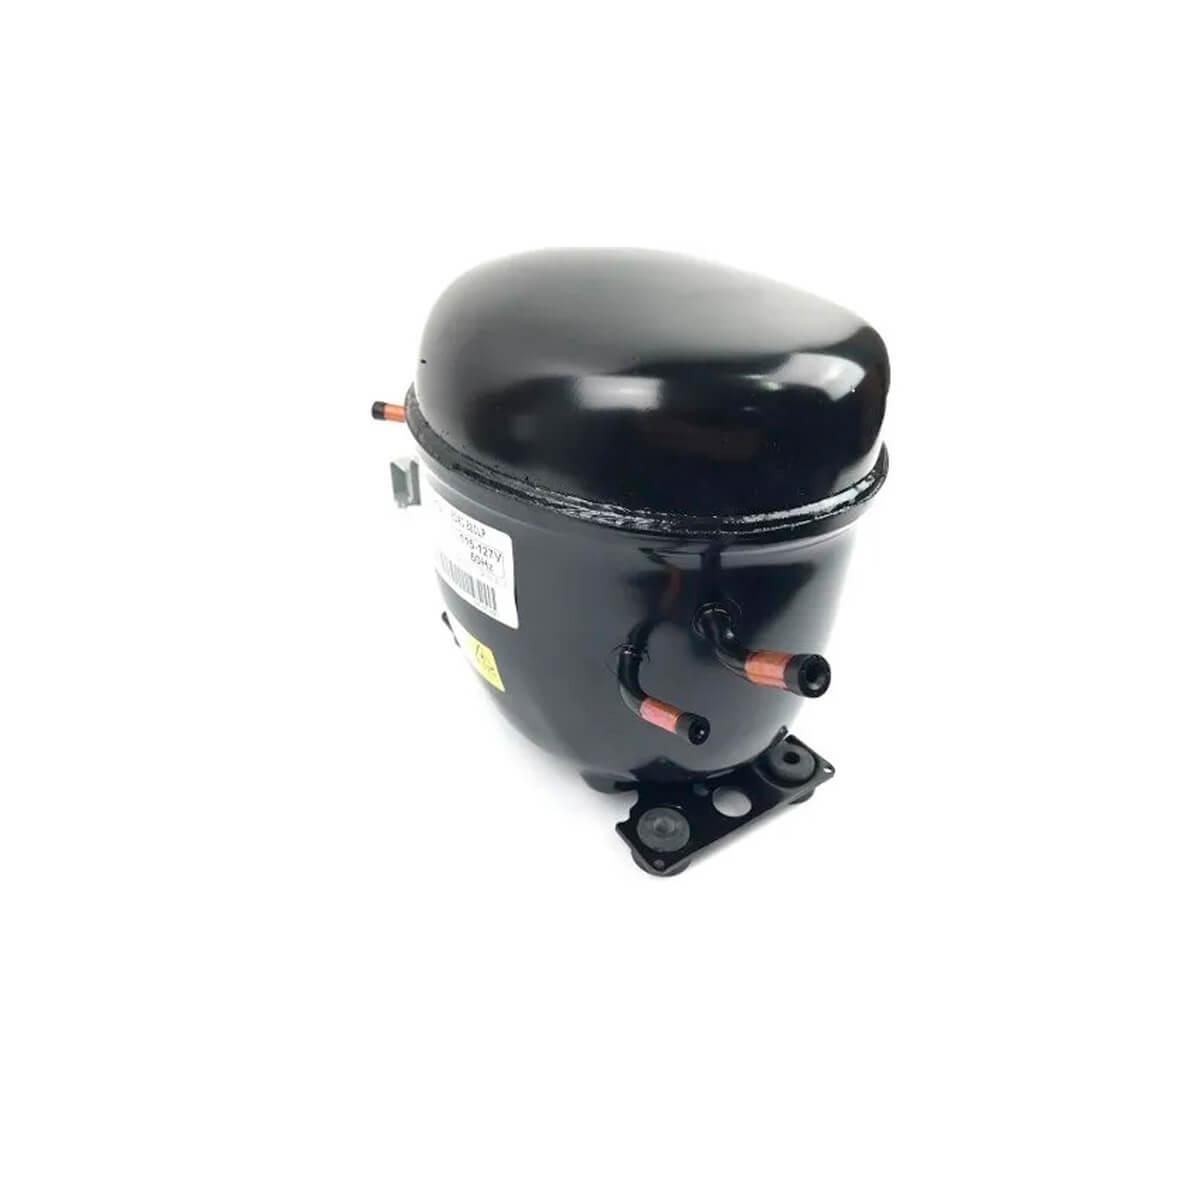 Compressor Embraco EGAS80CLP 1/4HP 127V R600A - W10388219